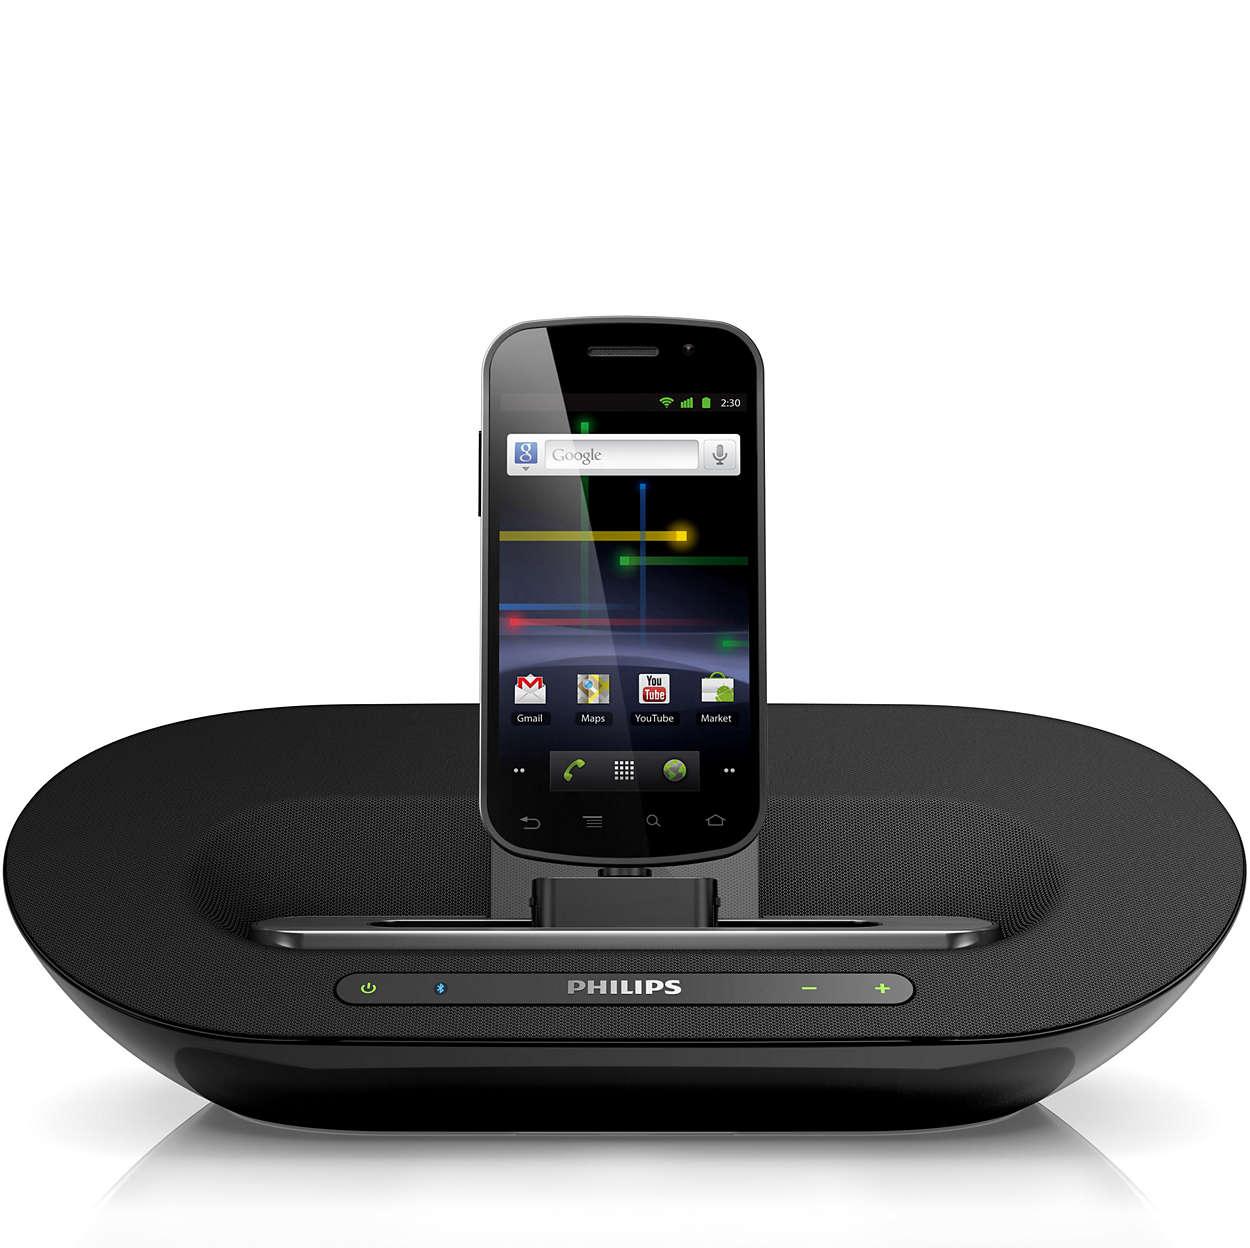 解放音樂的同時為 Android 手機充電